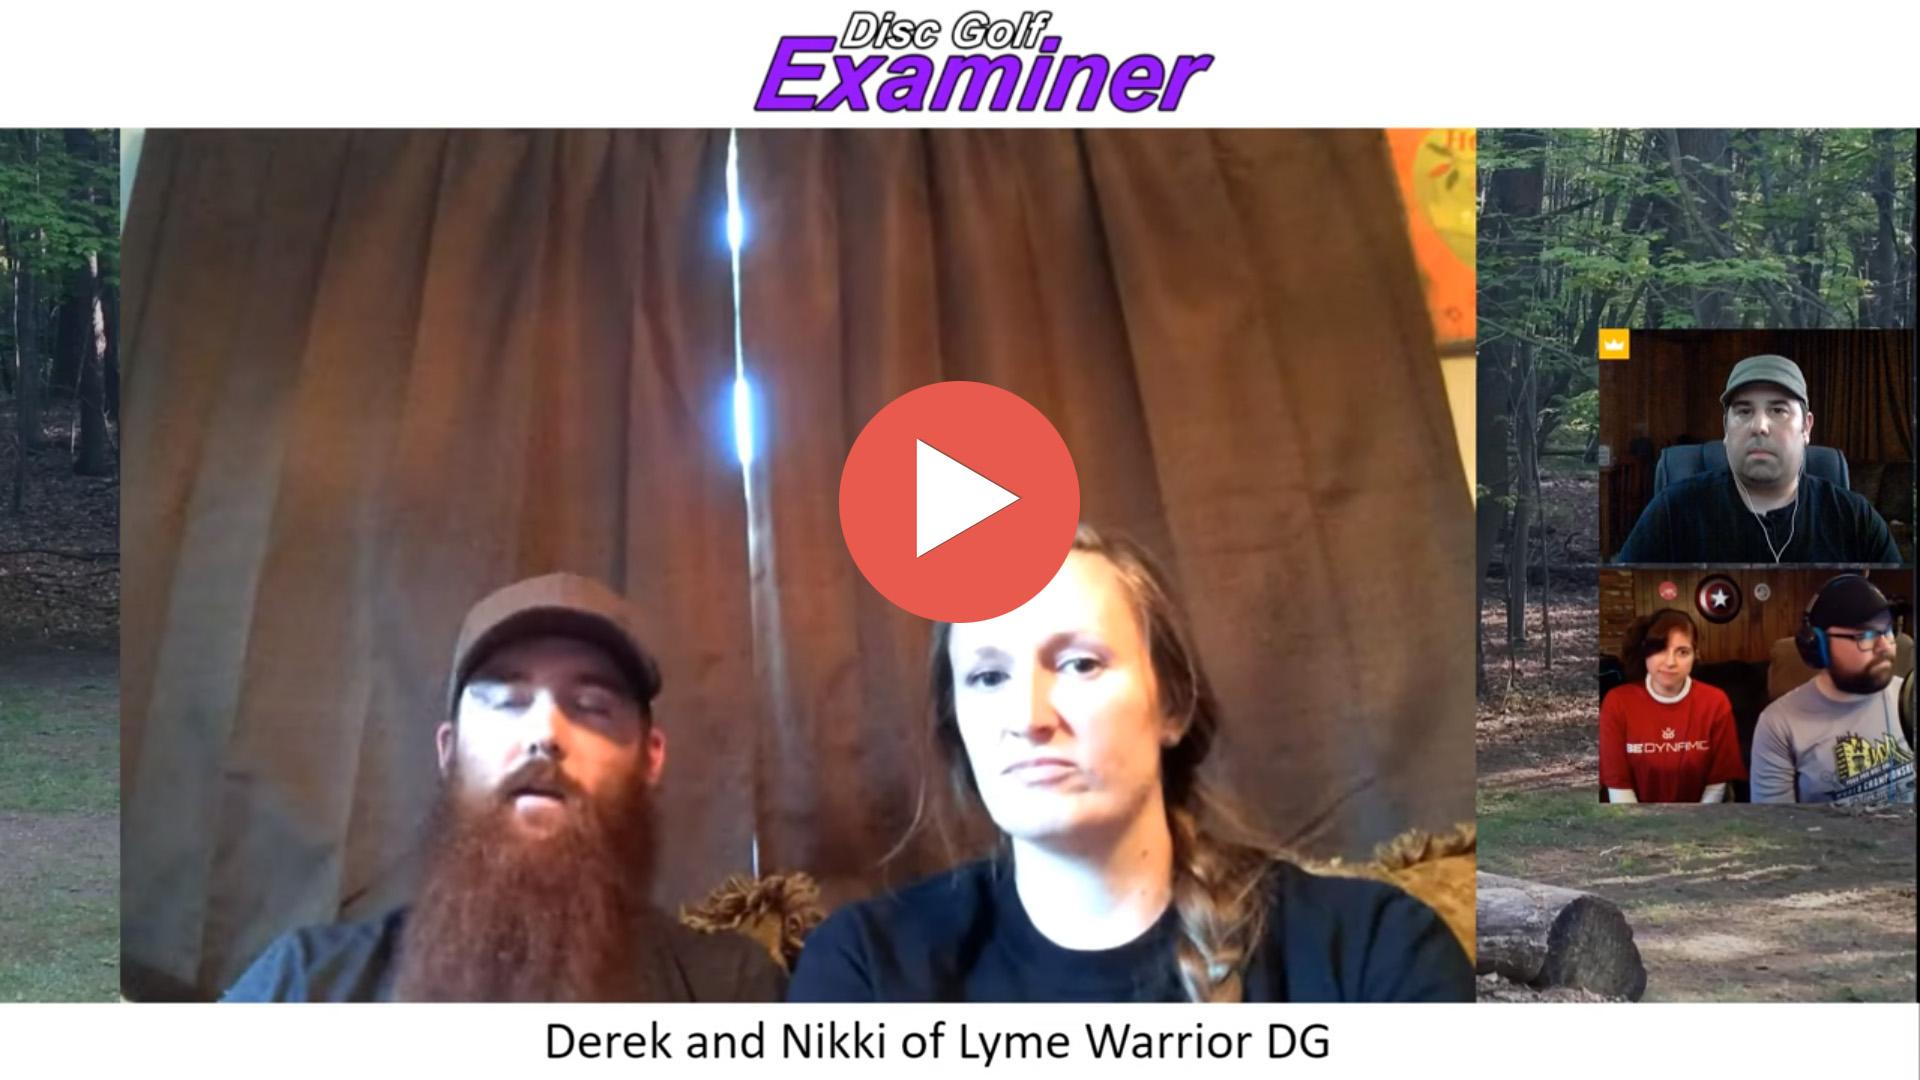 Derek and Nikki of Lyme Warrior DG